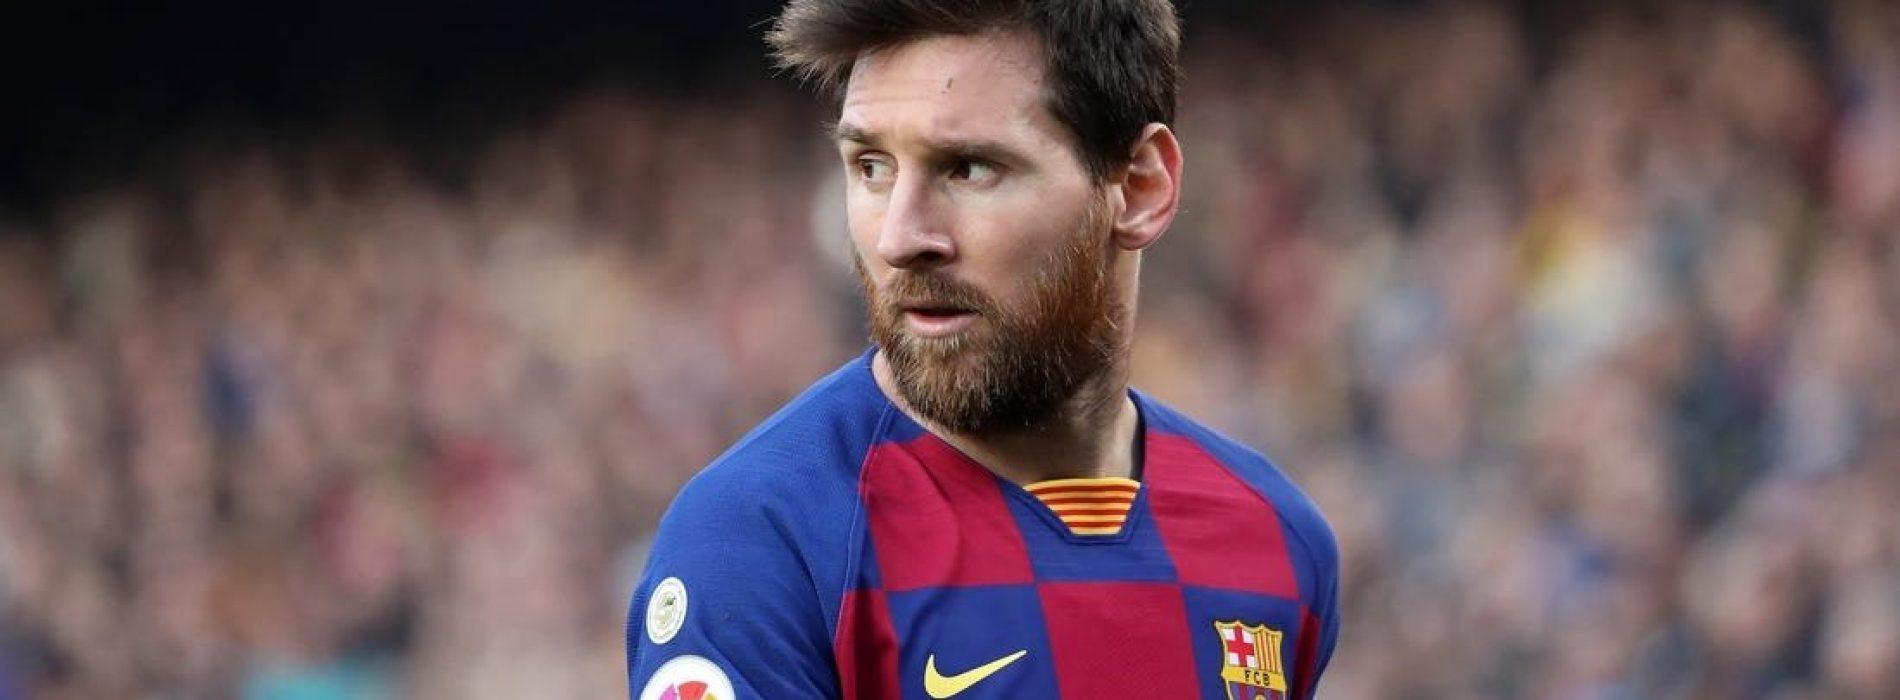 """Barcellona, Messi: """"Dobbiamo cambiare molto e fare autocritica, altrimenti perdiamo anche con il Napoli e in Champions"""""""